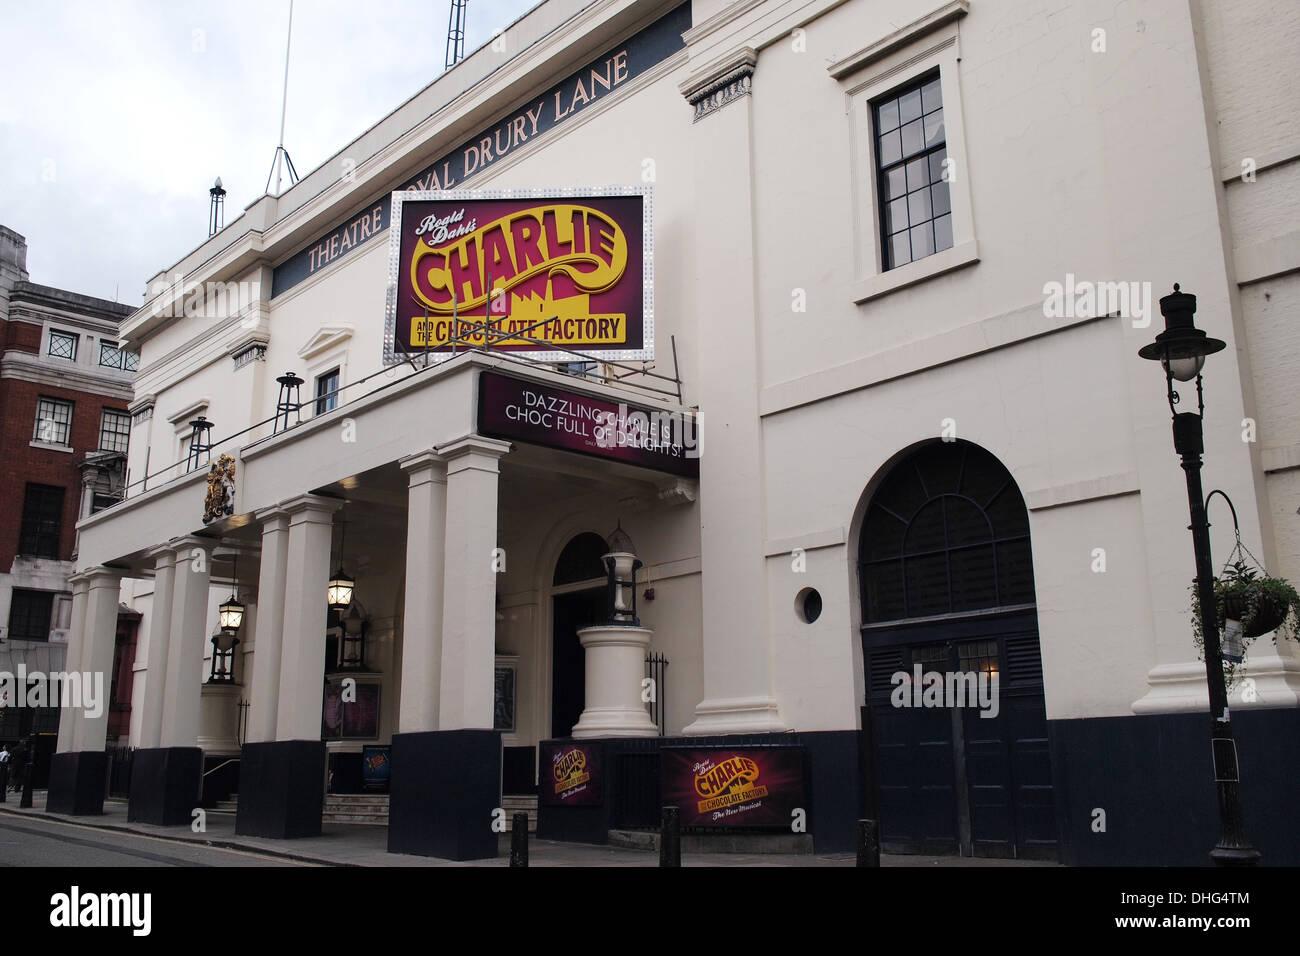 Theatre Royal Drury Lane, London UK - Stock Image